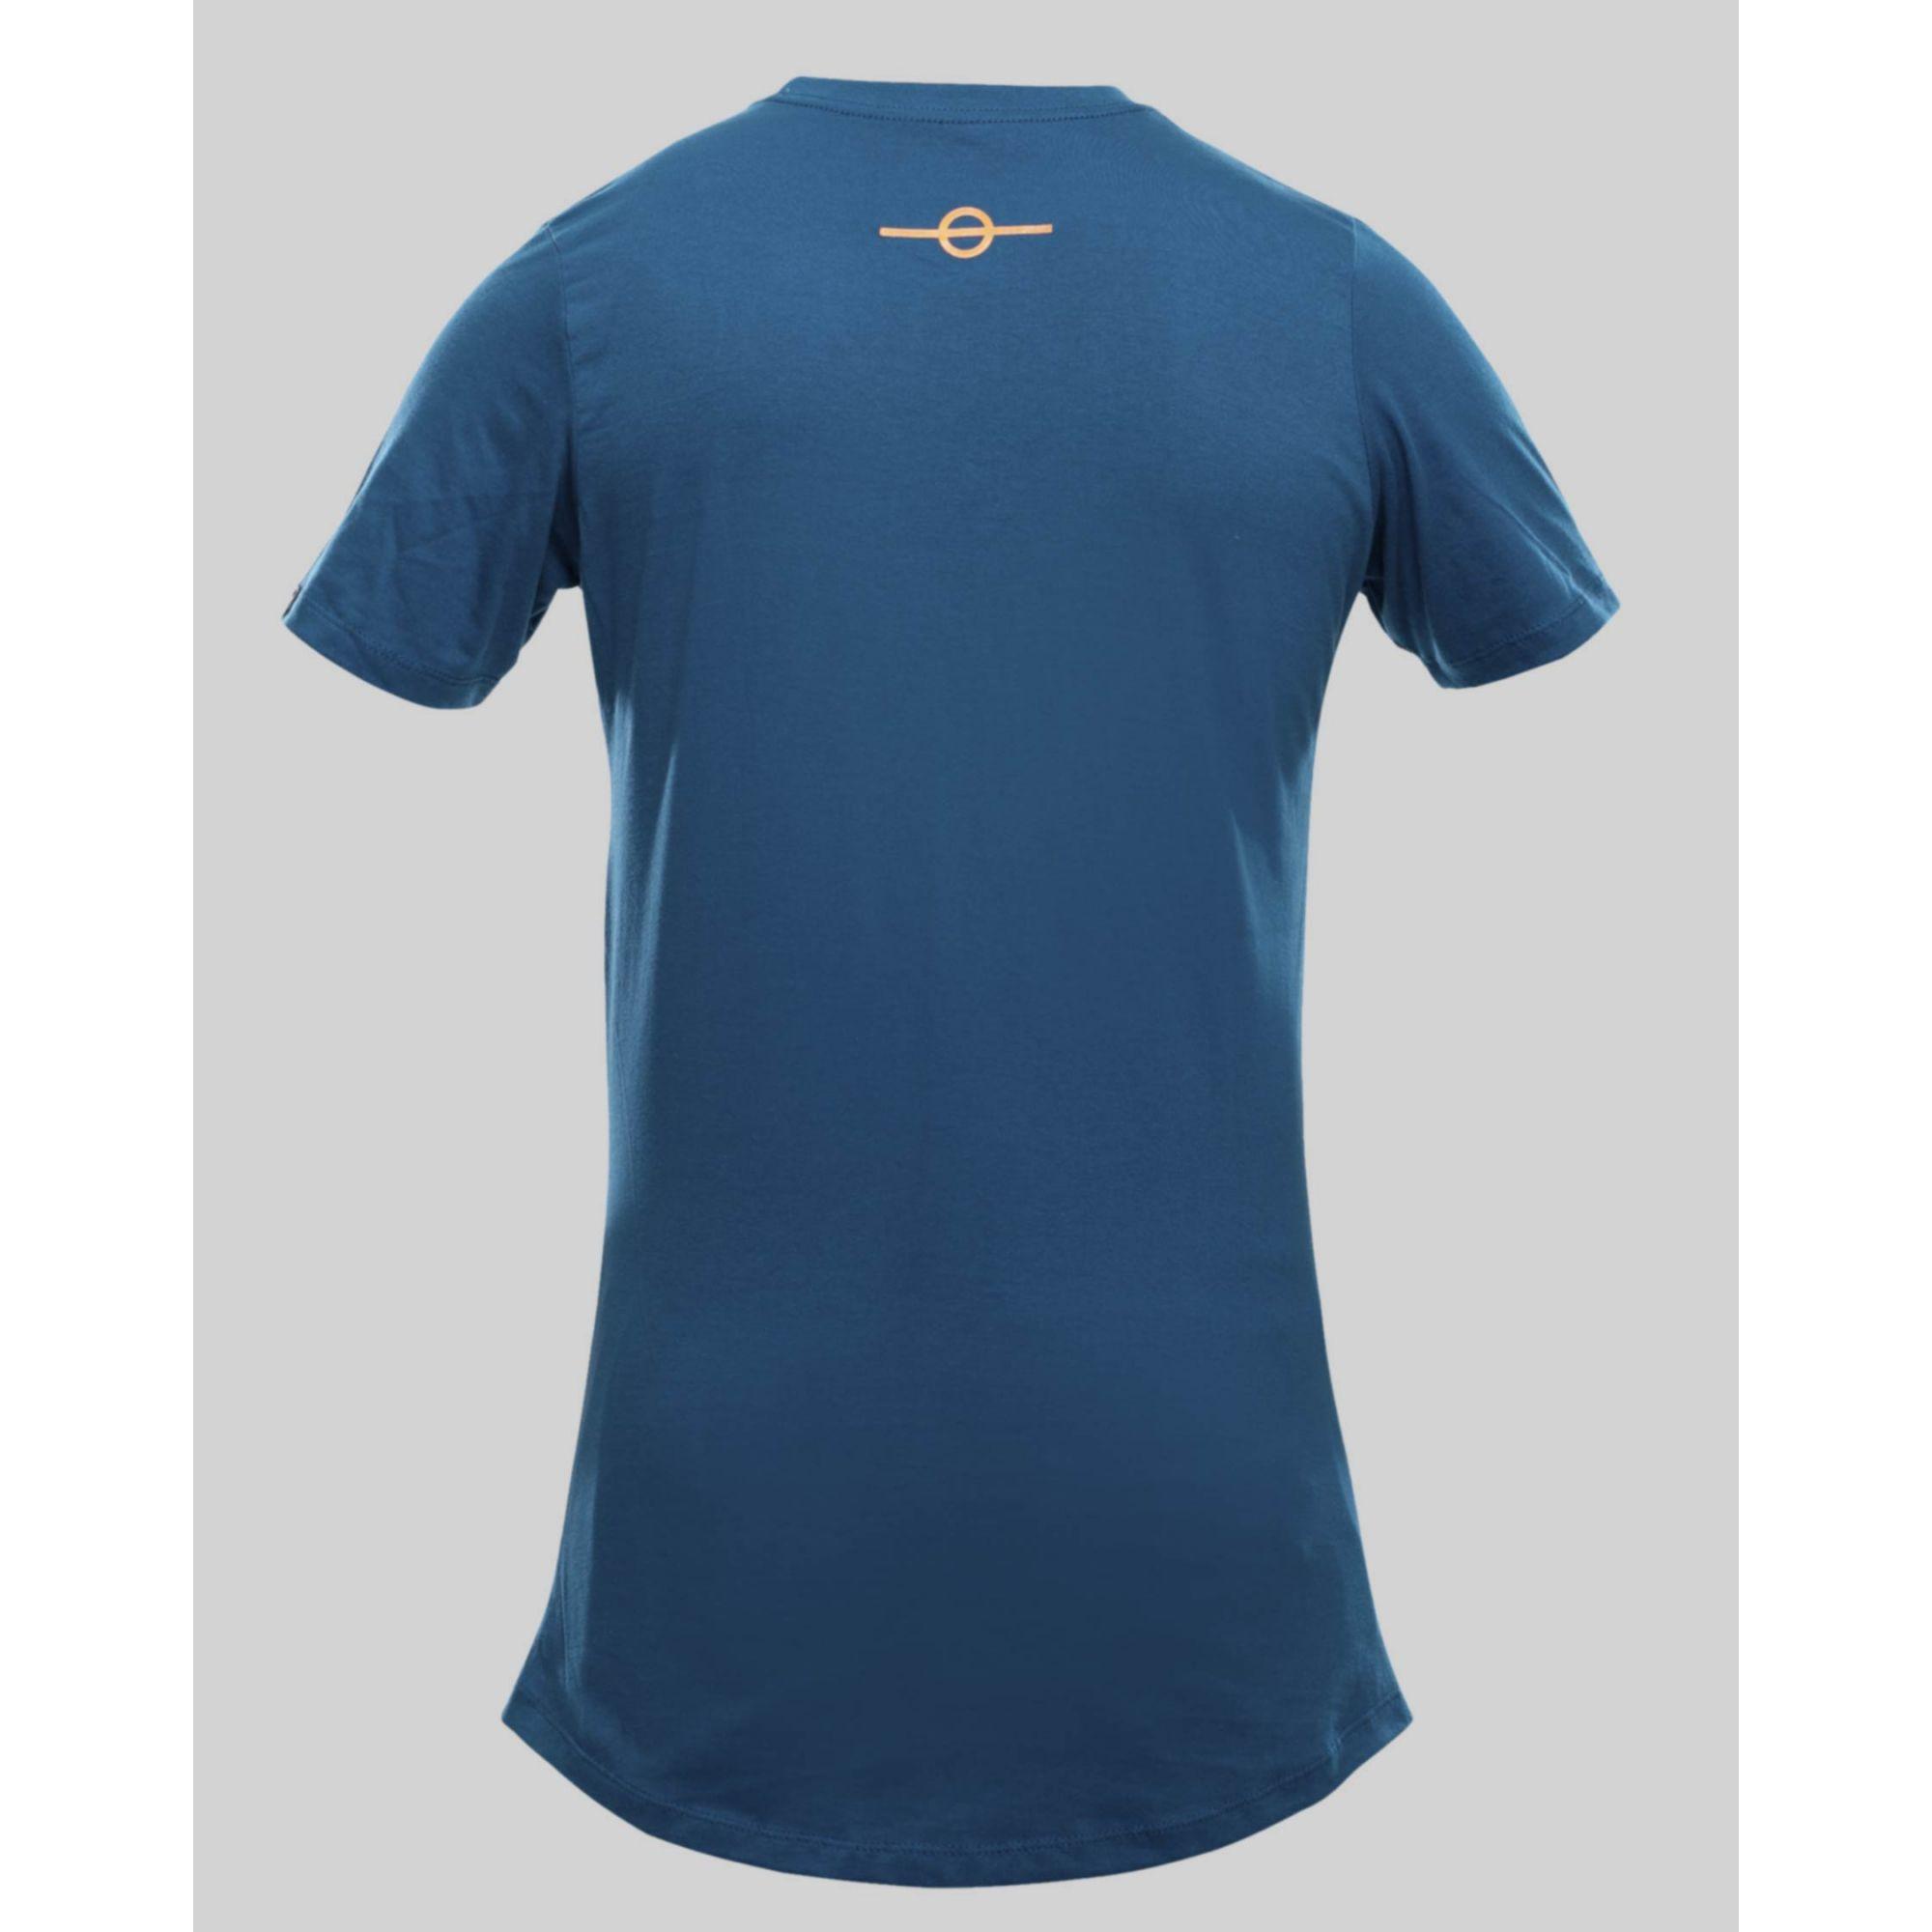 Camiseta Buh Fluor Square Blue